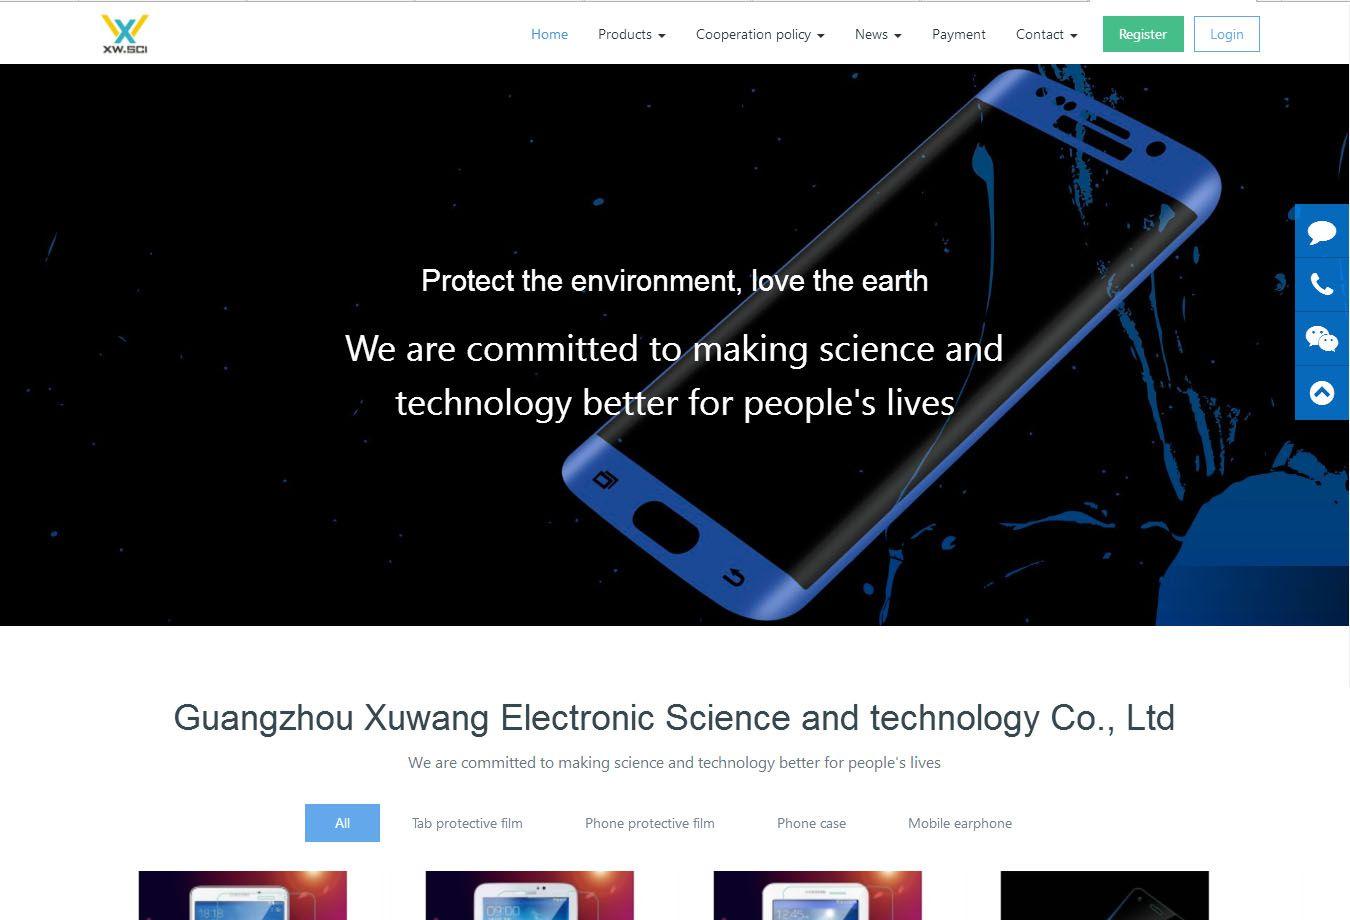 Guangzhou Xuwang Electronic Science and technology Co., Ltd